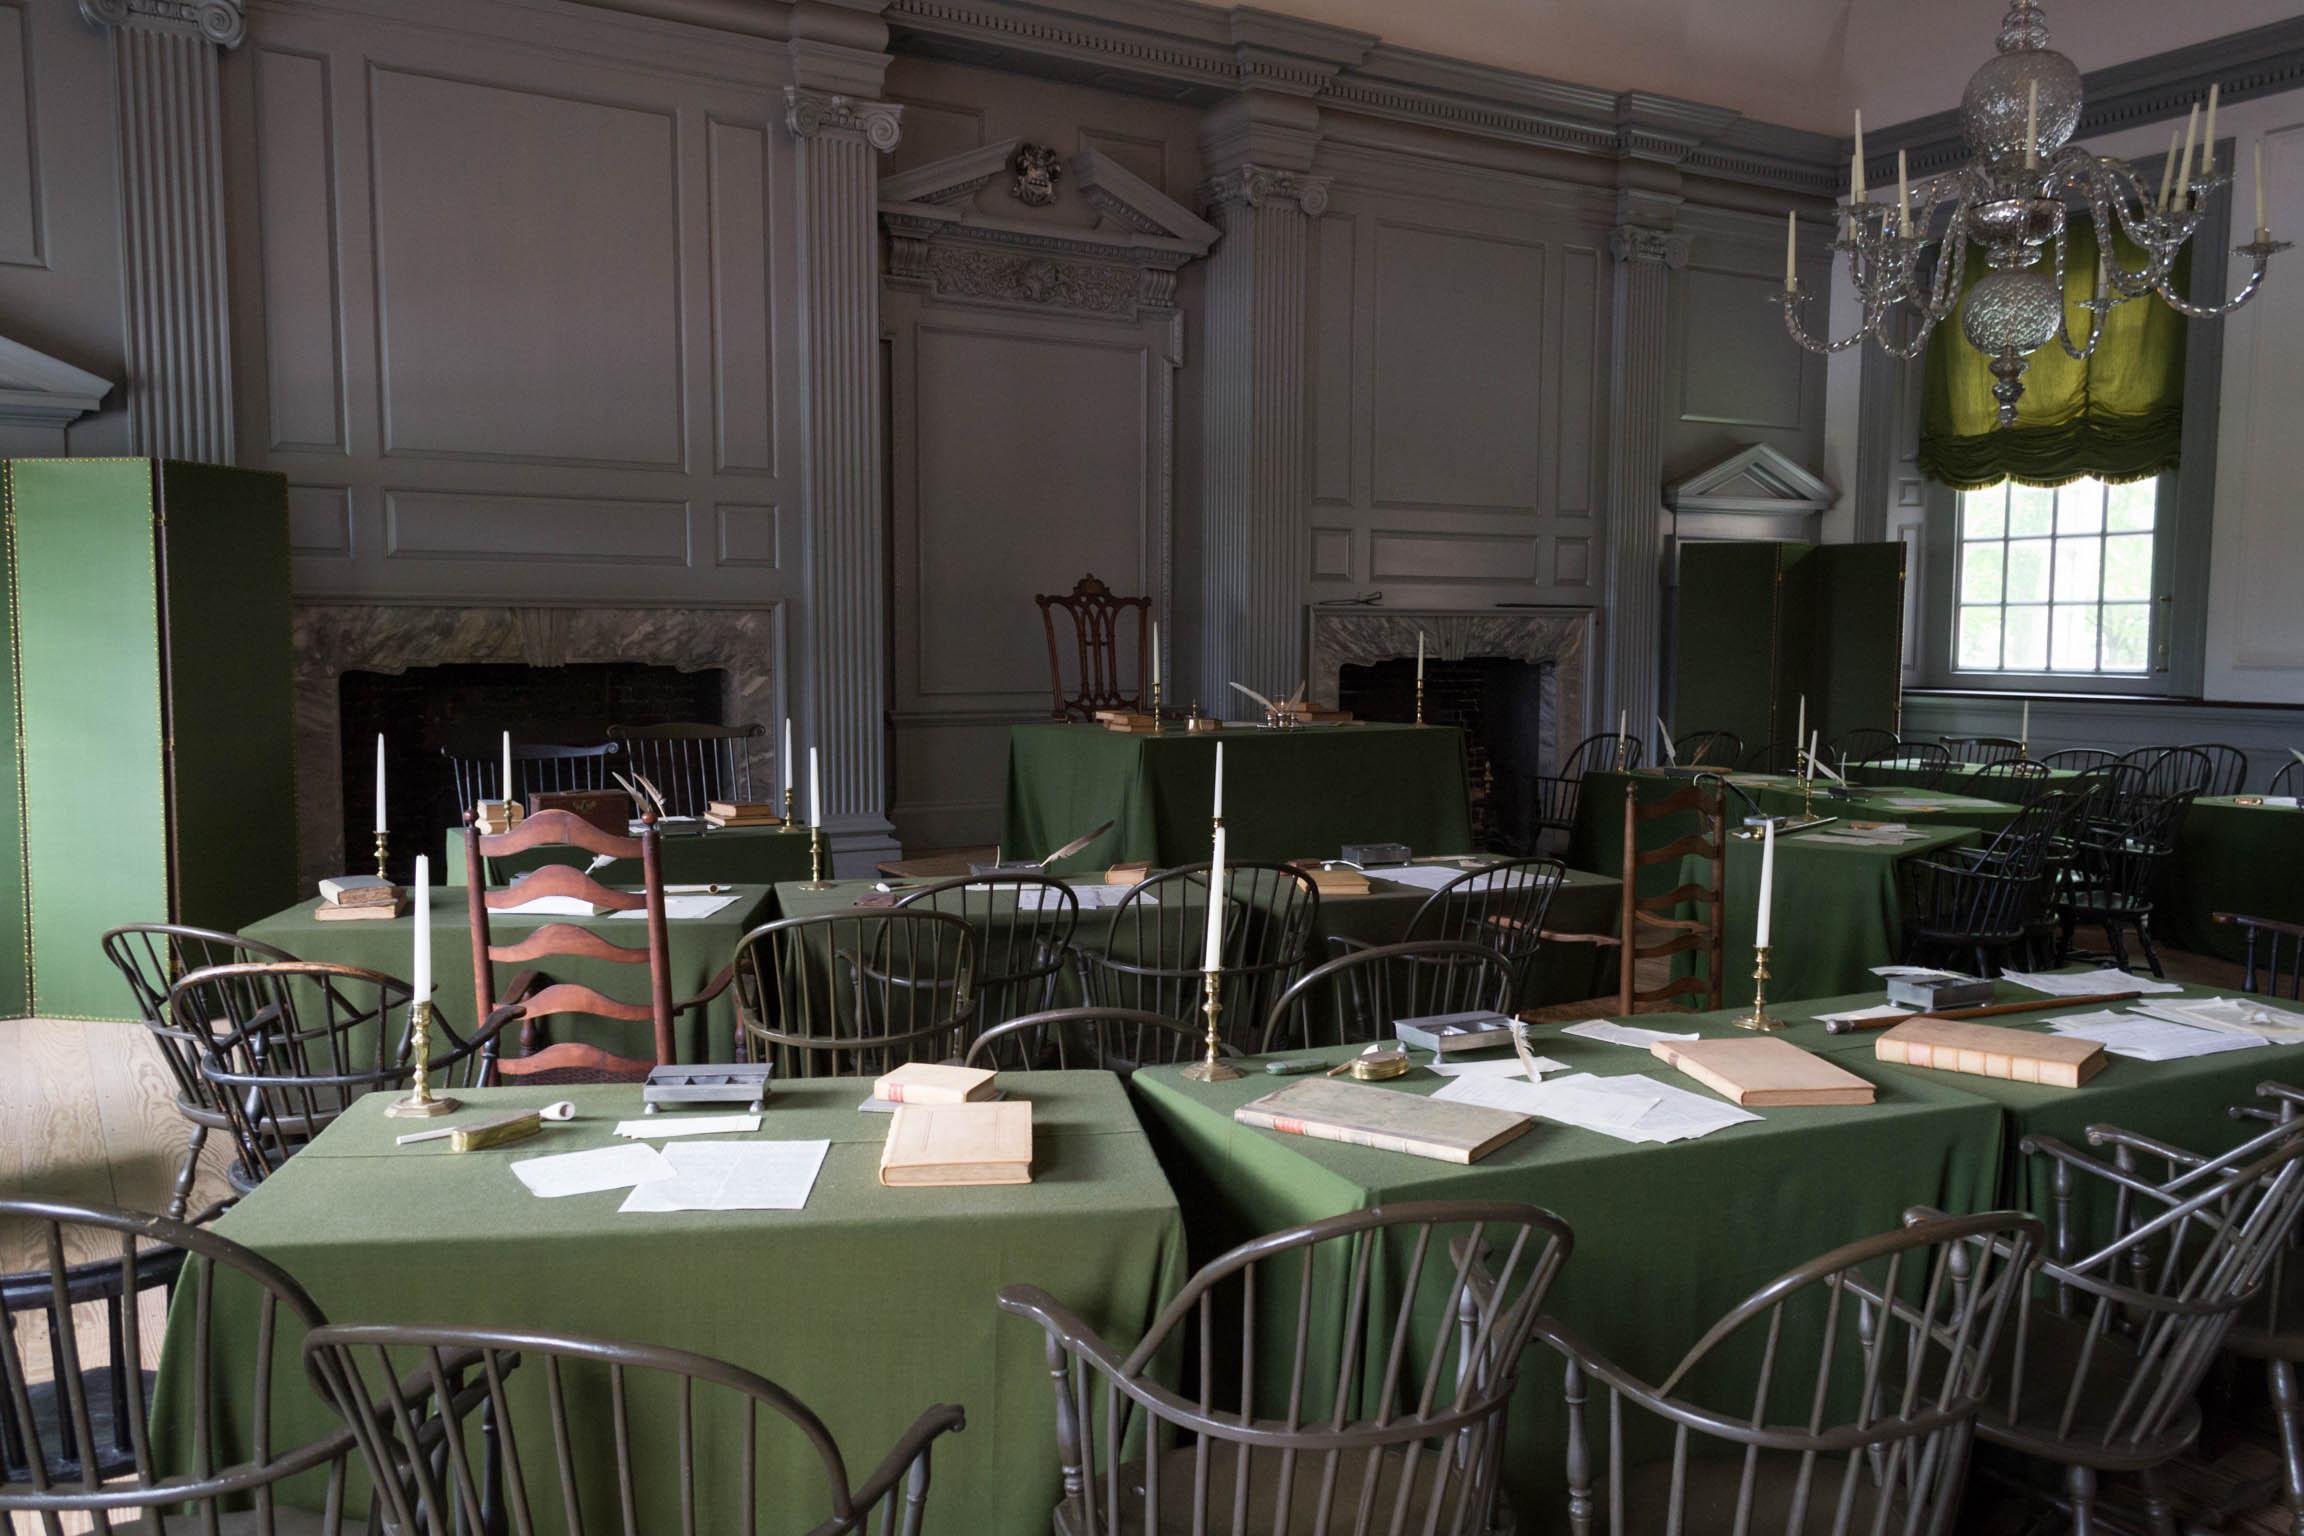 La salle où la Déclaration d'Indépendance a été proclamée